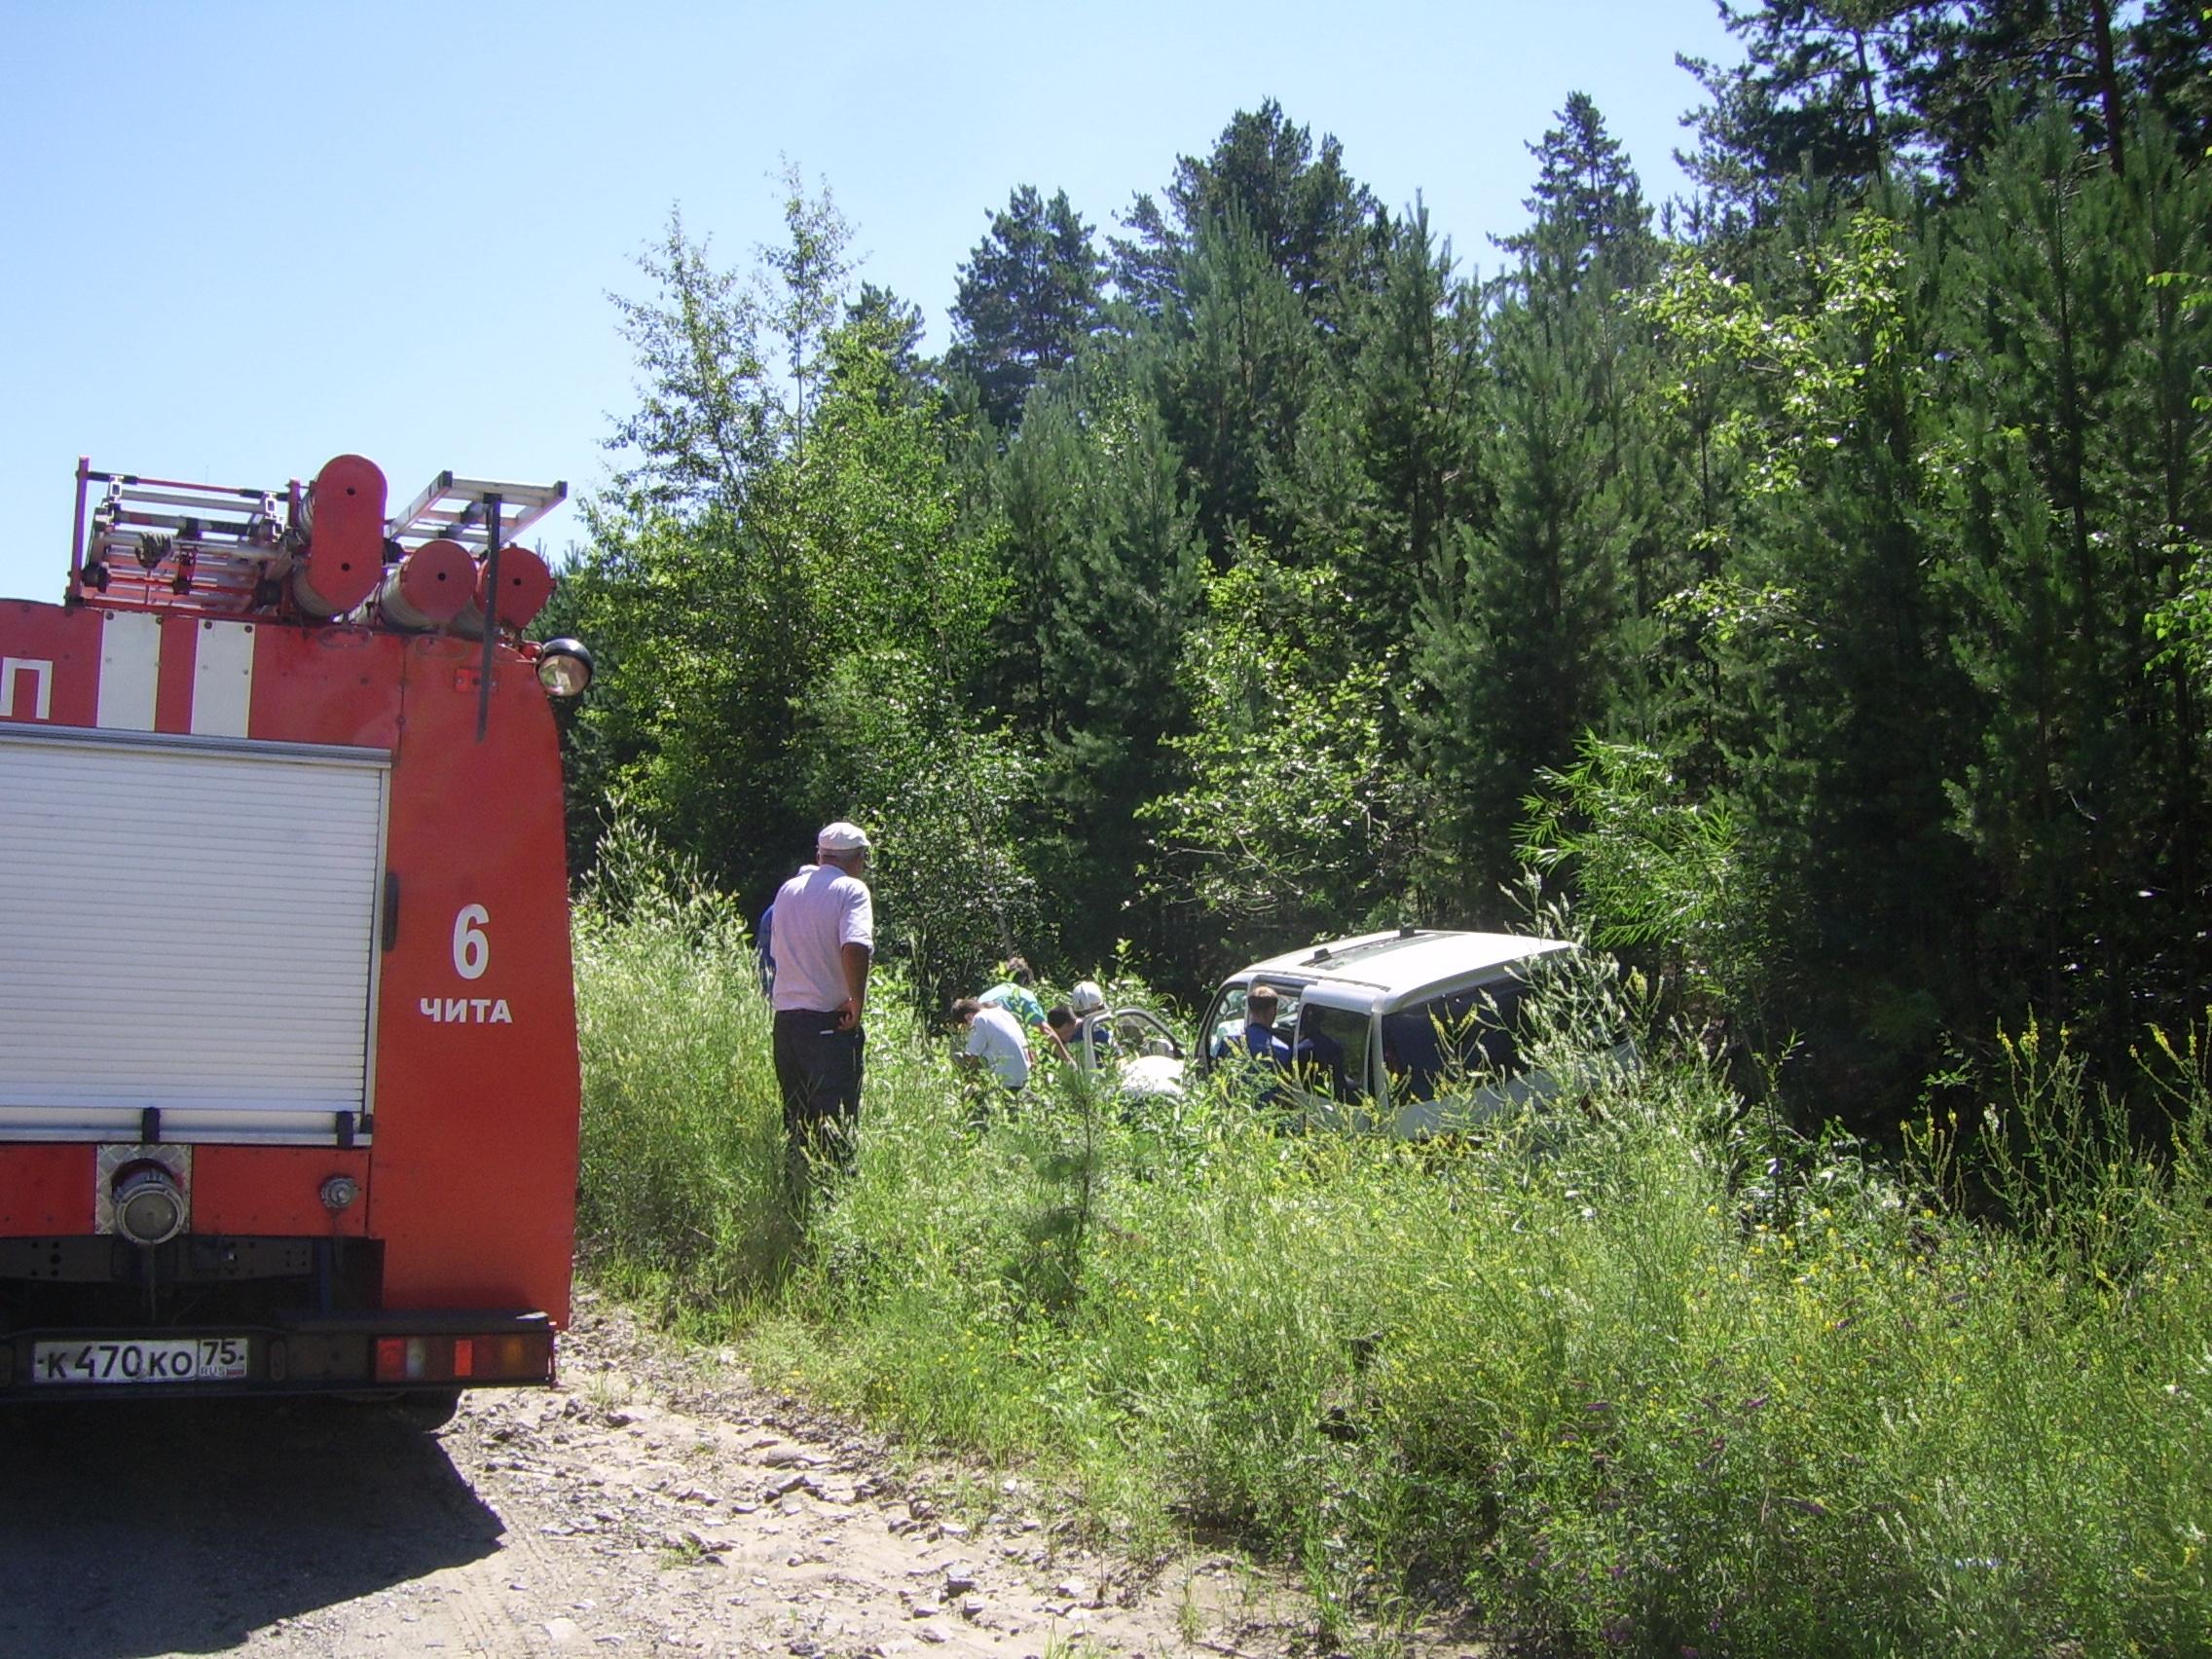 Водитель автомобиля TOYOTA Hiace не справился с управлением и совершил наезд на препятствие